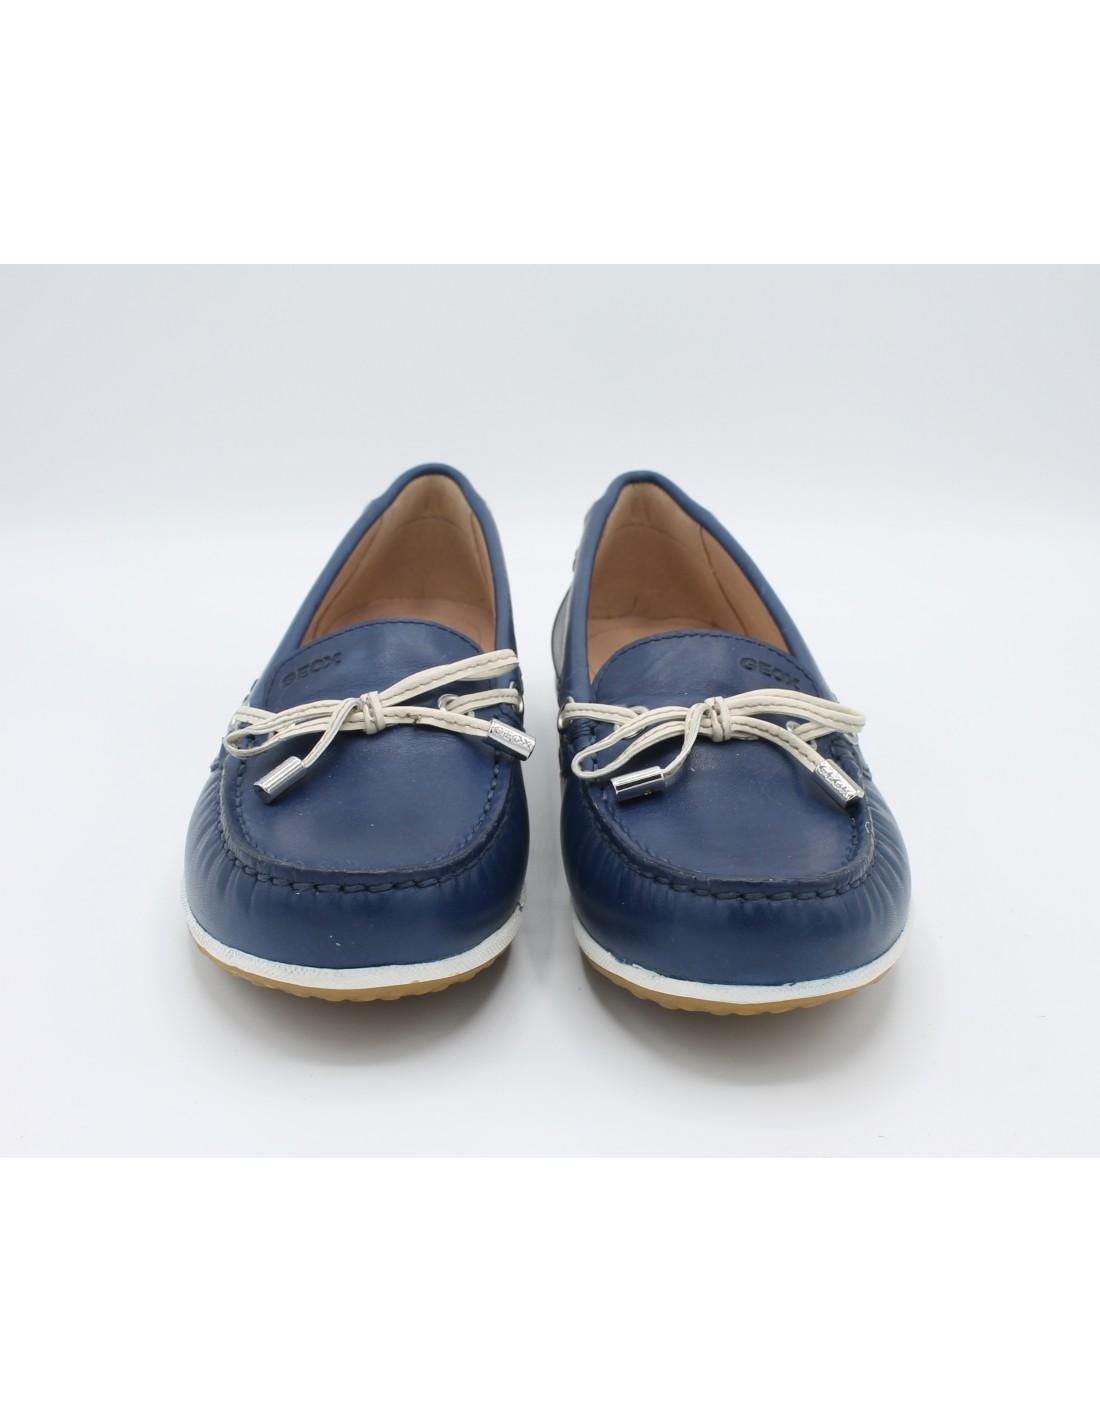 Detalles de Geox Zapatos de Mujer Mocasines Verano Piel Azul Cómodo 38 39